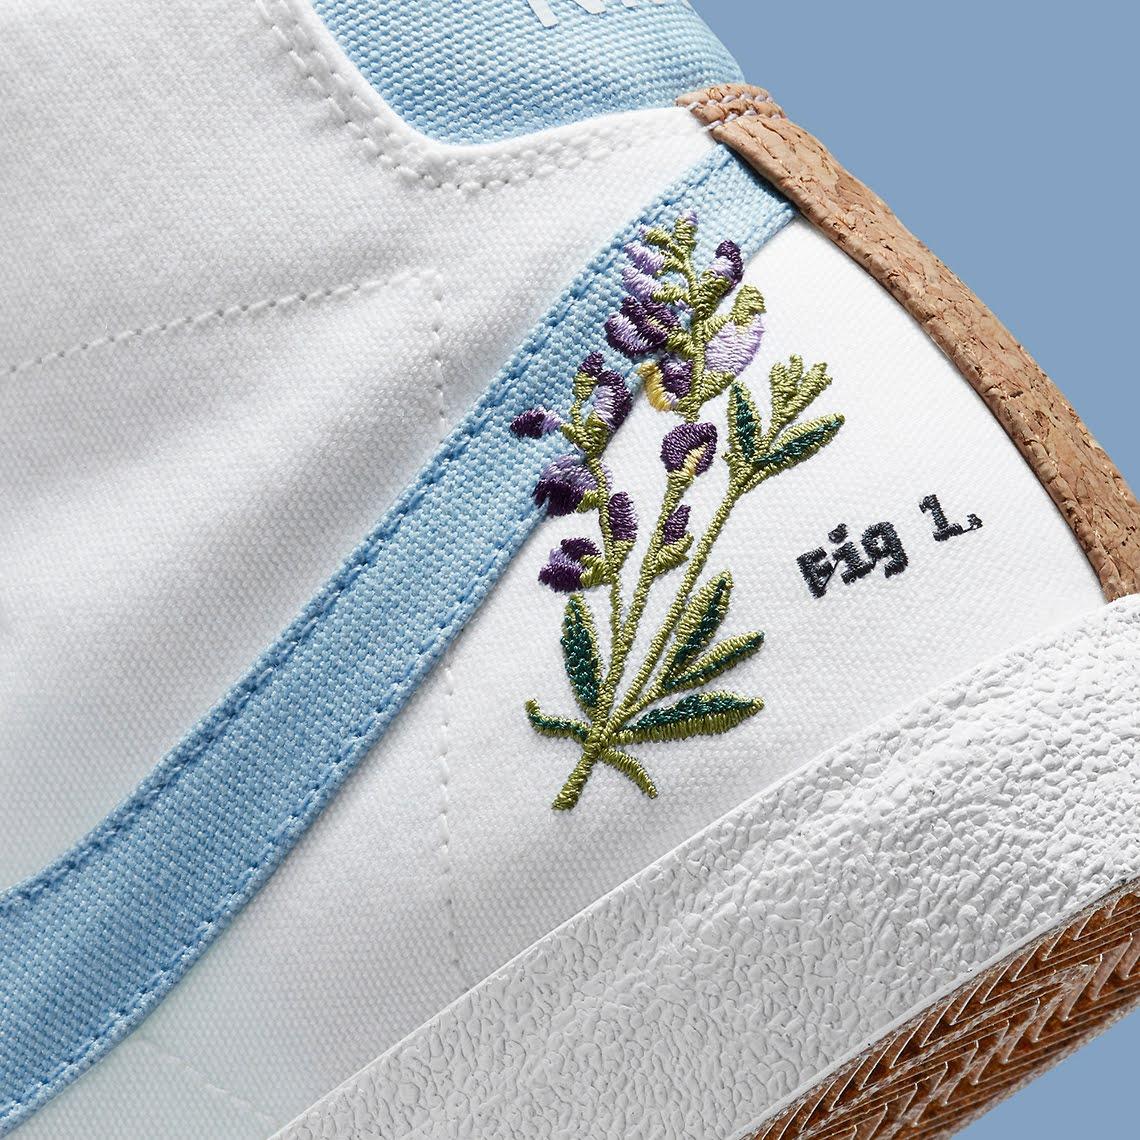 """ナイキ ブレーザー ミッド 77 """"インディゴ"""" Nike-Blazer-Mid-77-Indigo-DC9265-100-side-heel-closeup"""